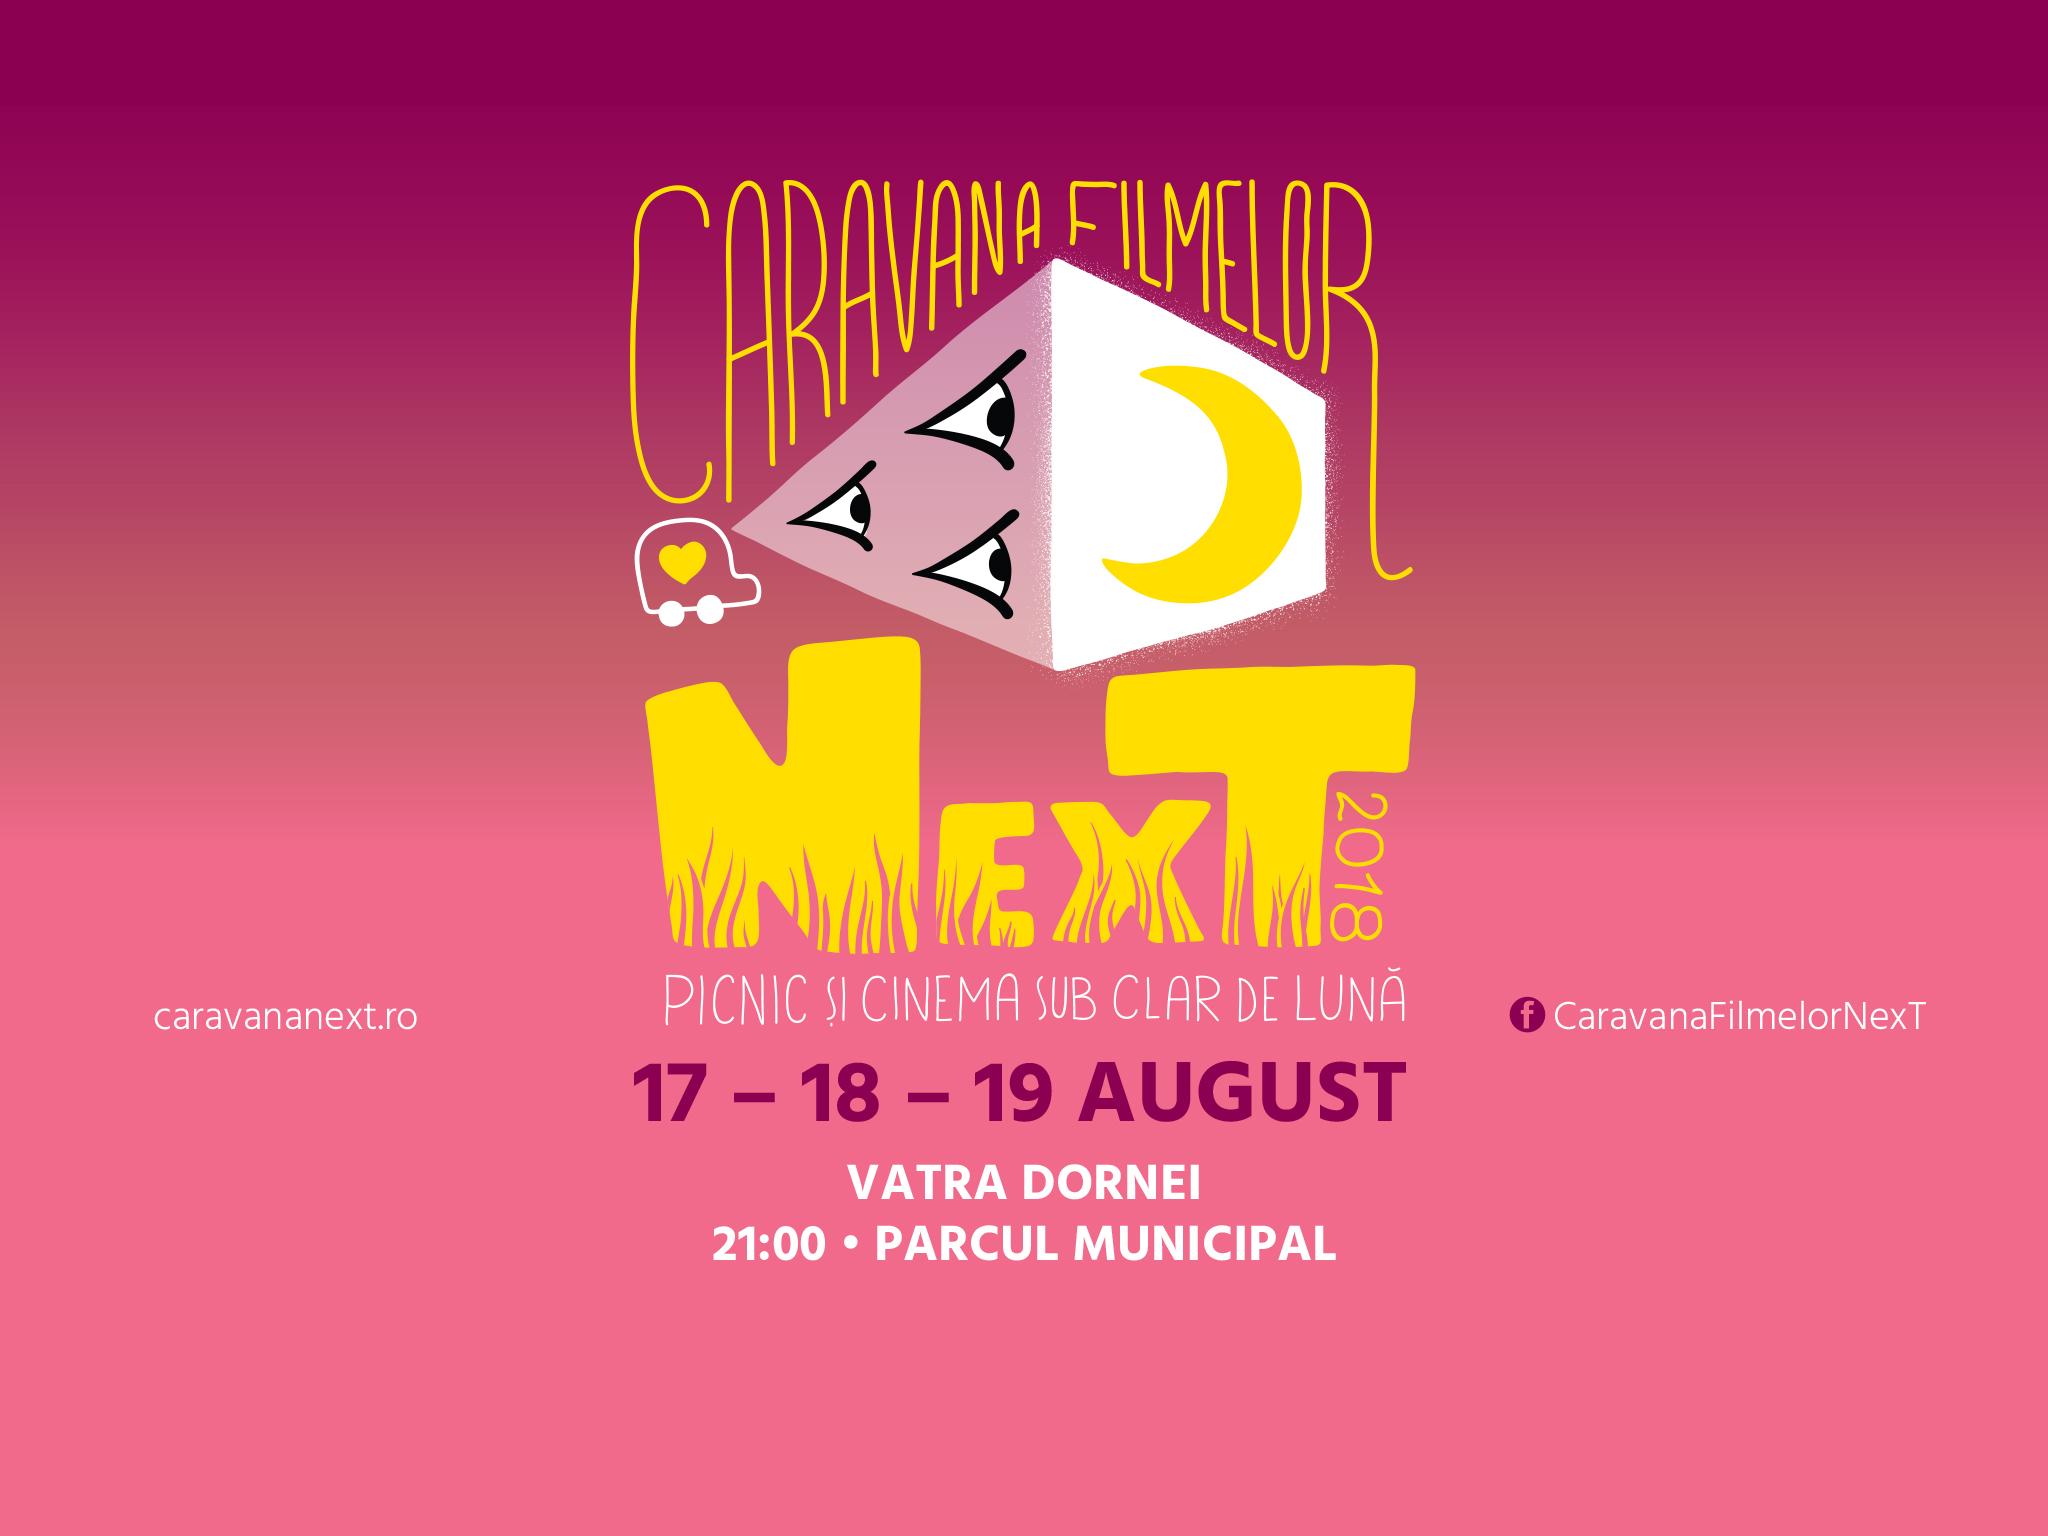 Caravana Filmelor Next 2018 la Vatra Dornei în 17-19 August